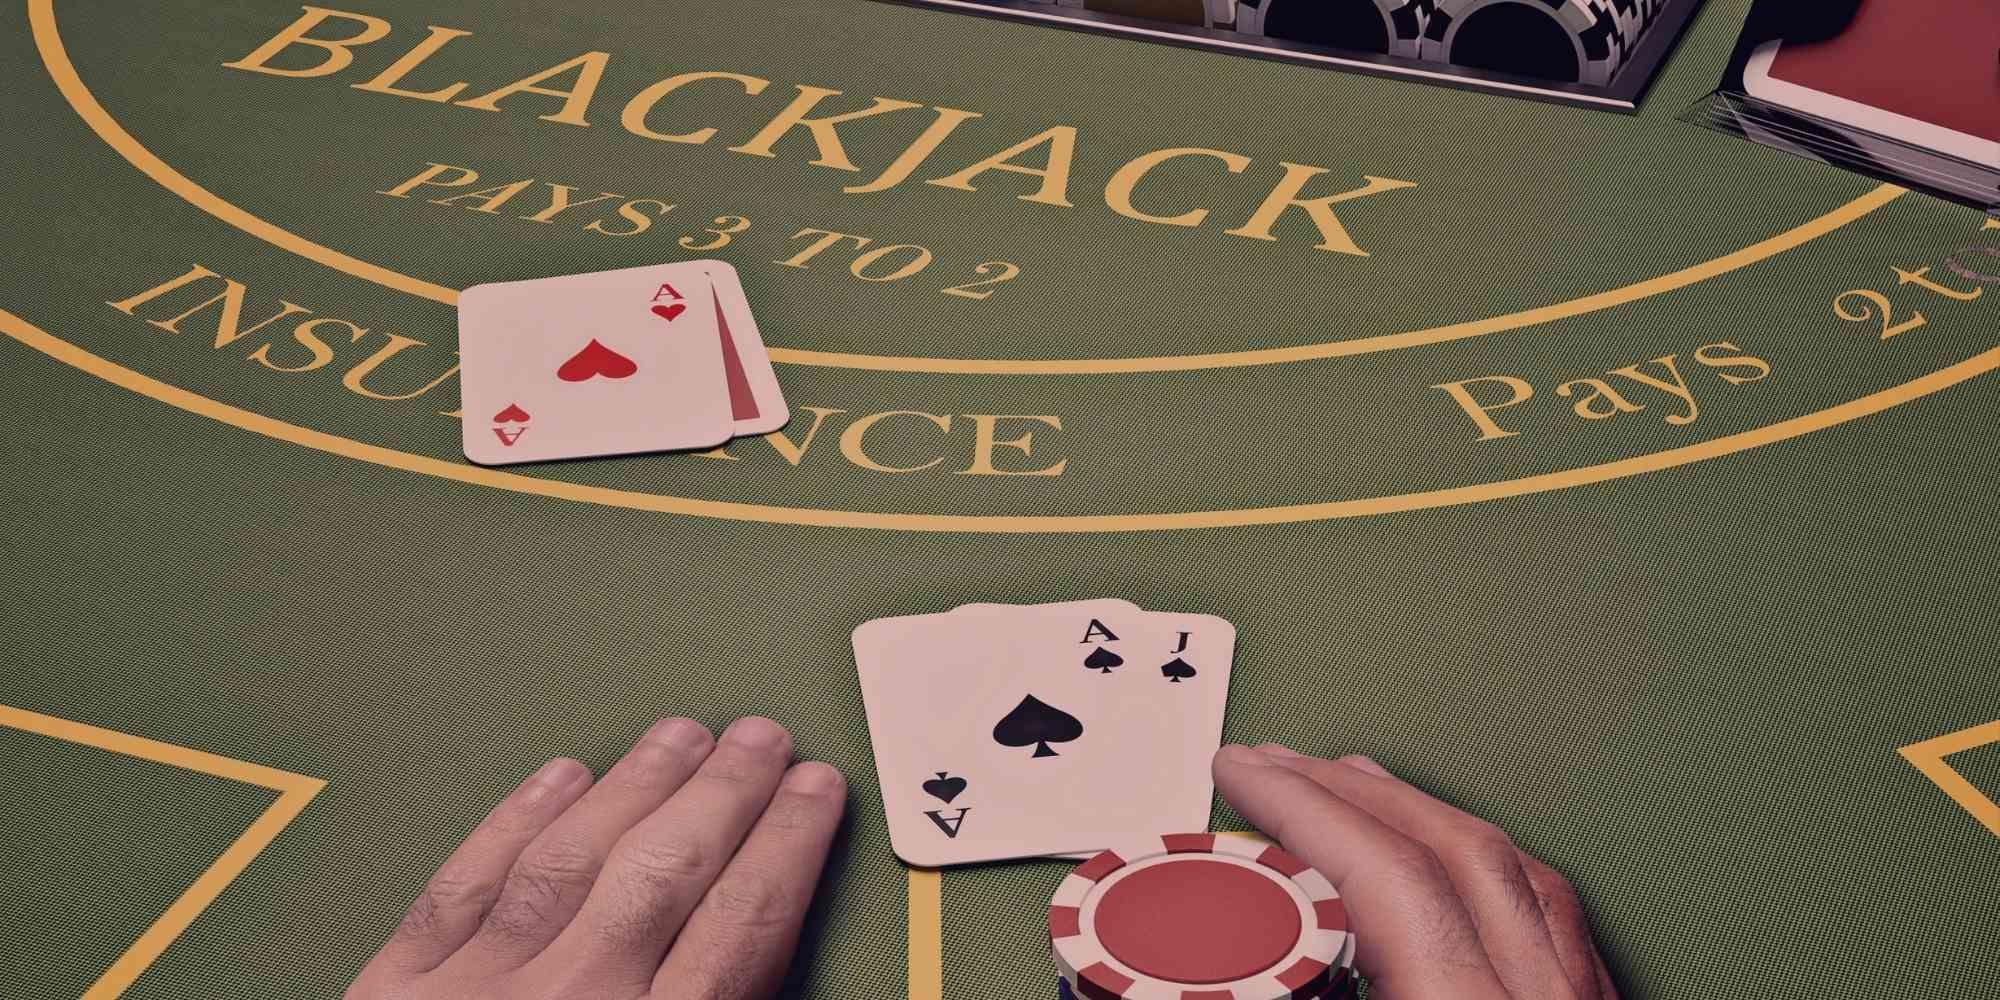 Is Blackjack a Fair Game?